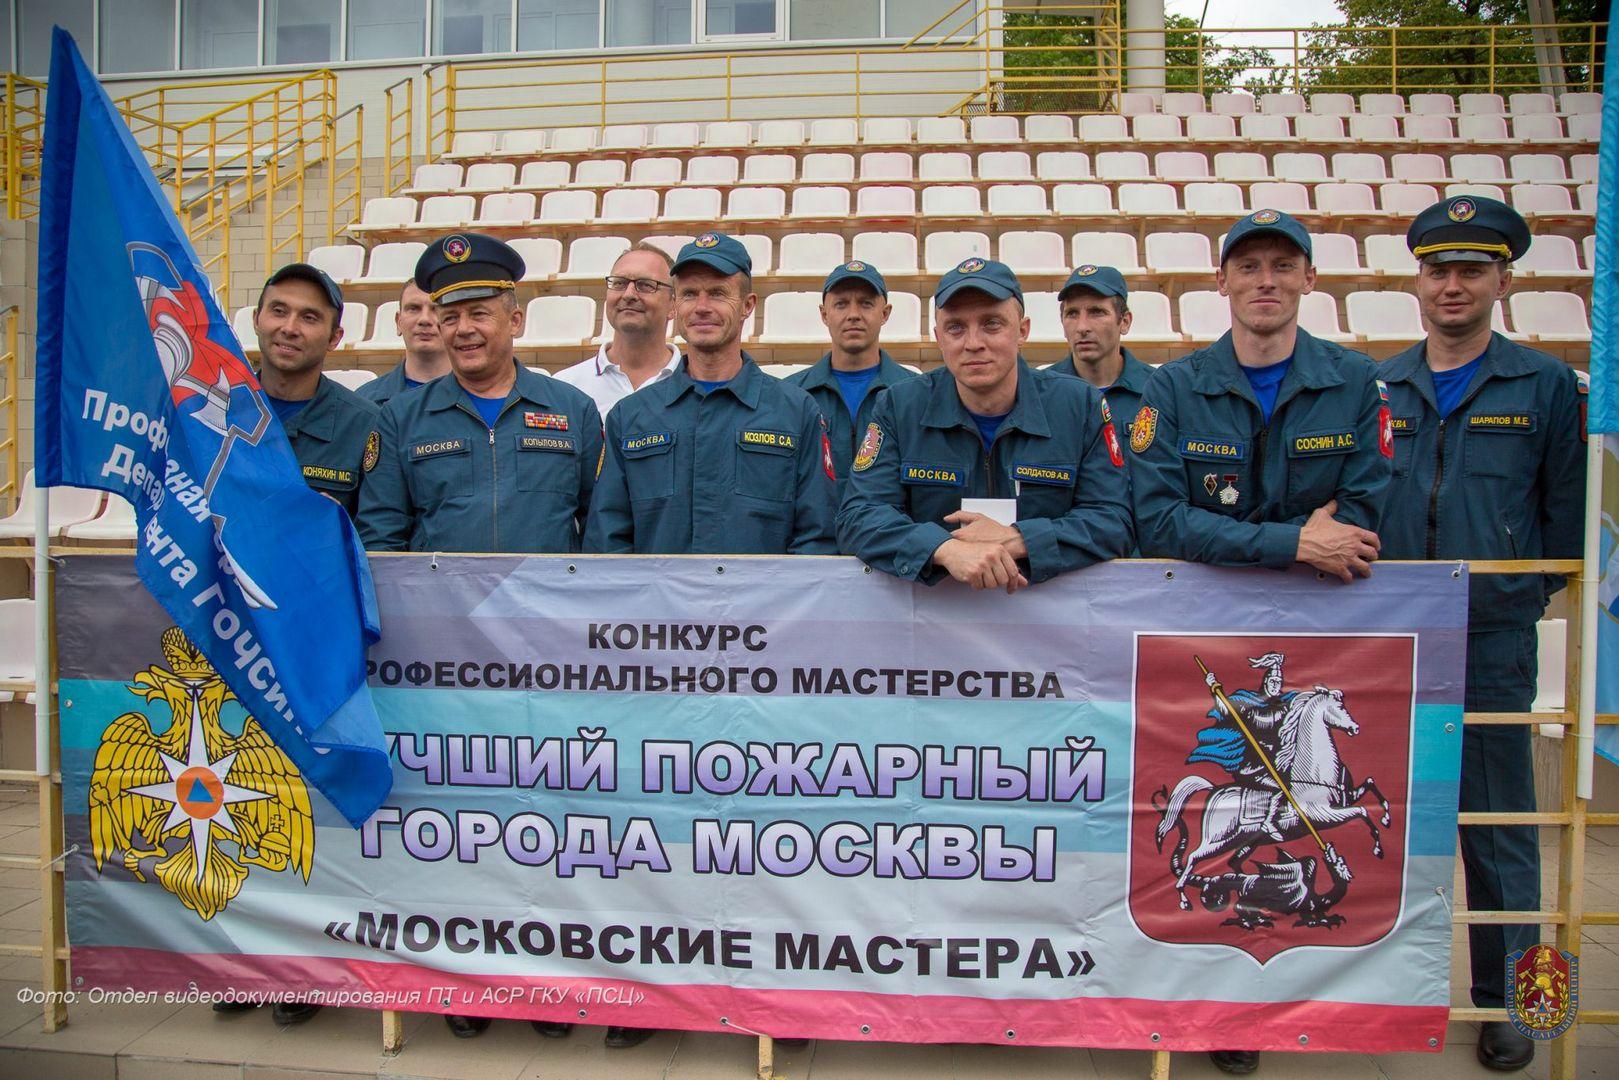 московские мастера лучший пожарный конкурс